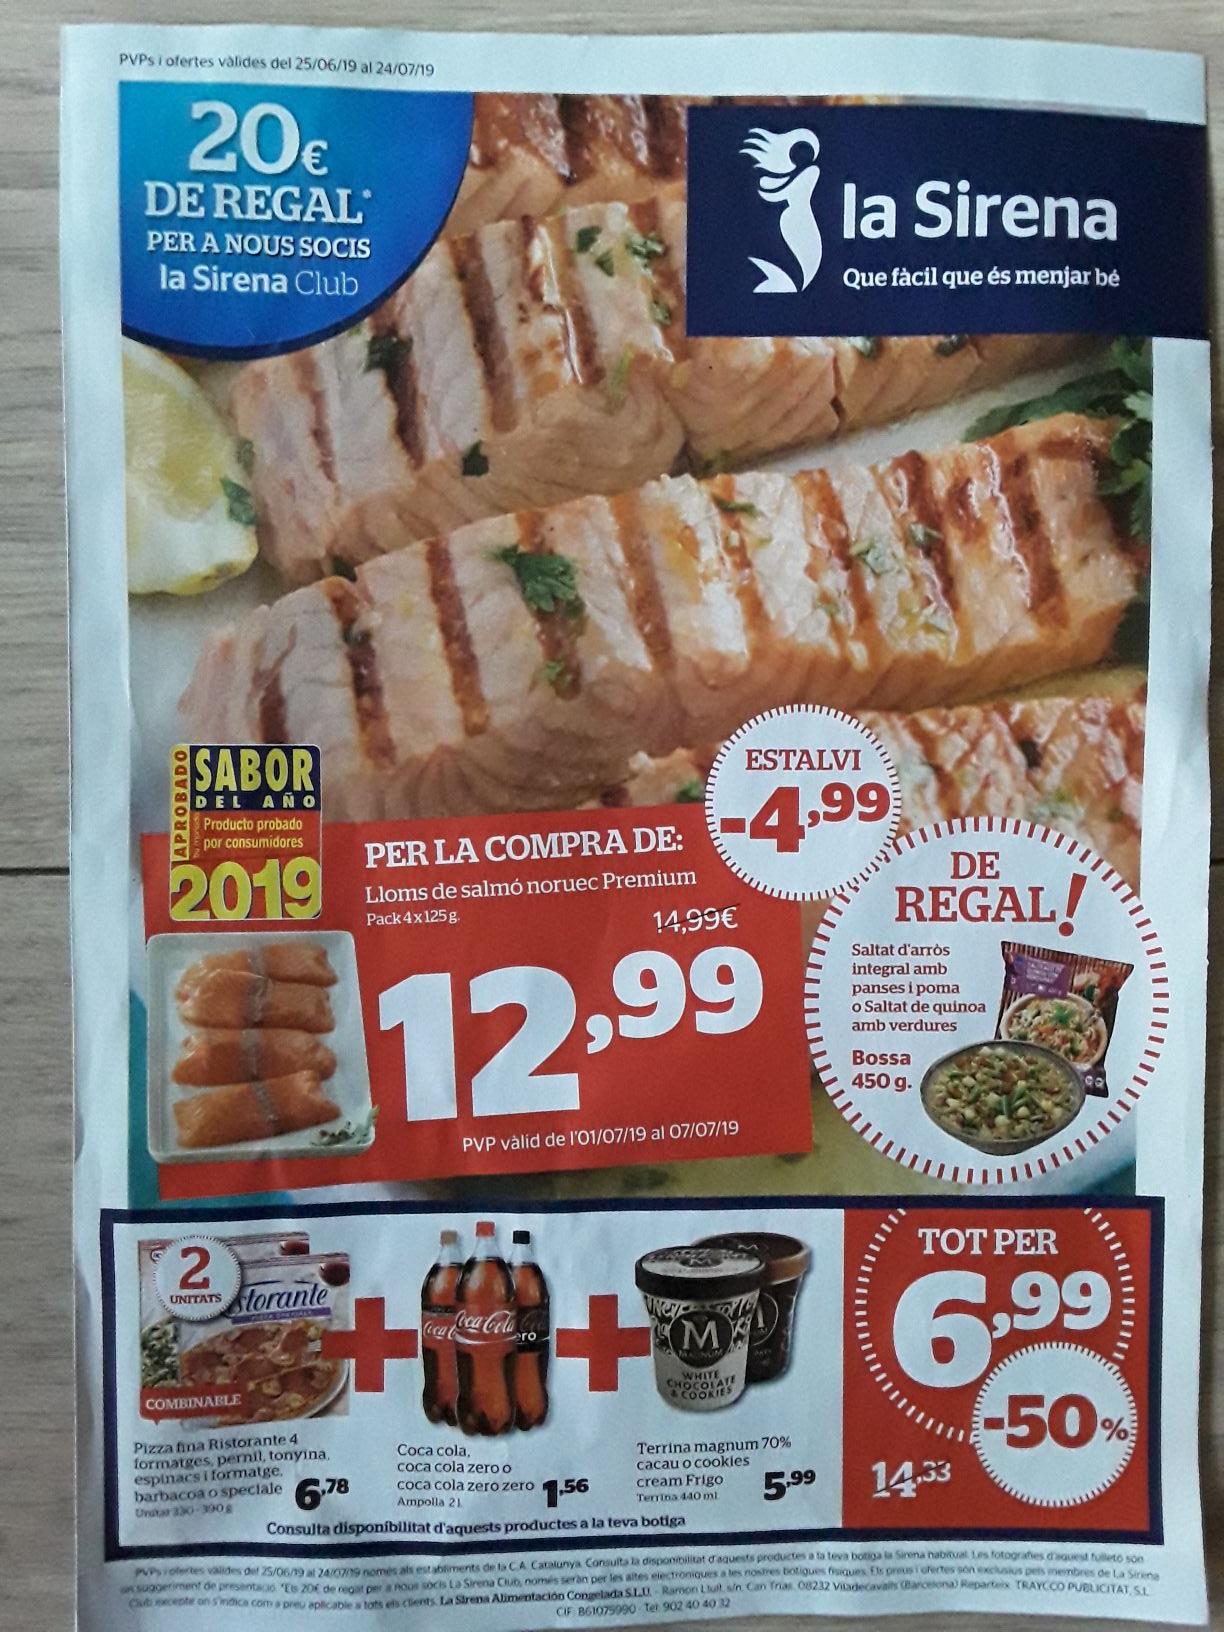 2 pizzas + 1 coca cola + 1 tarrina Magnum = 6,99€